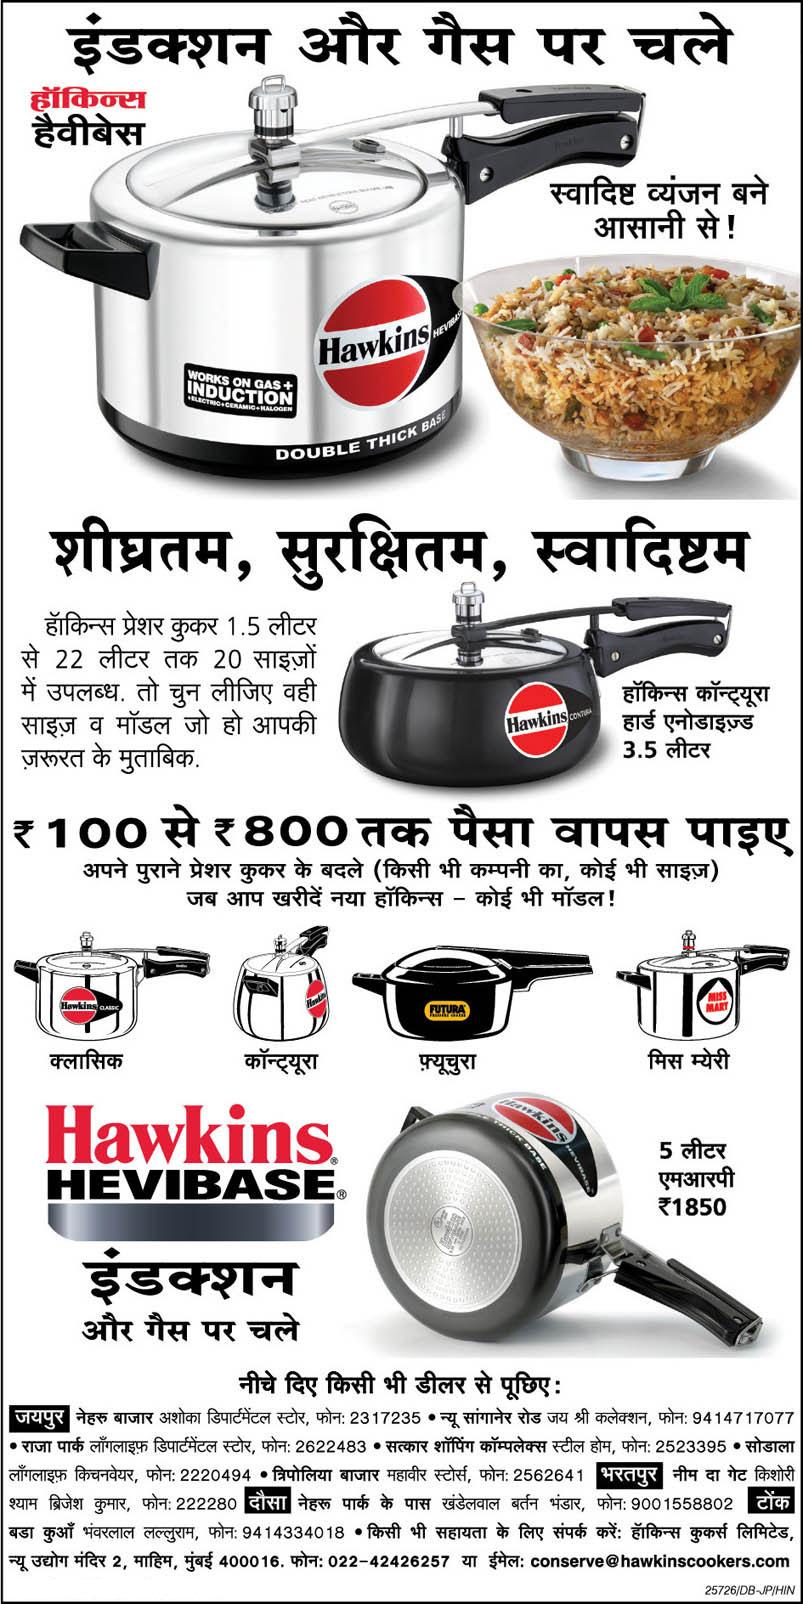 hawkins offers